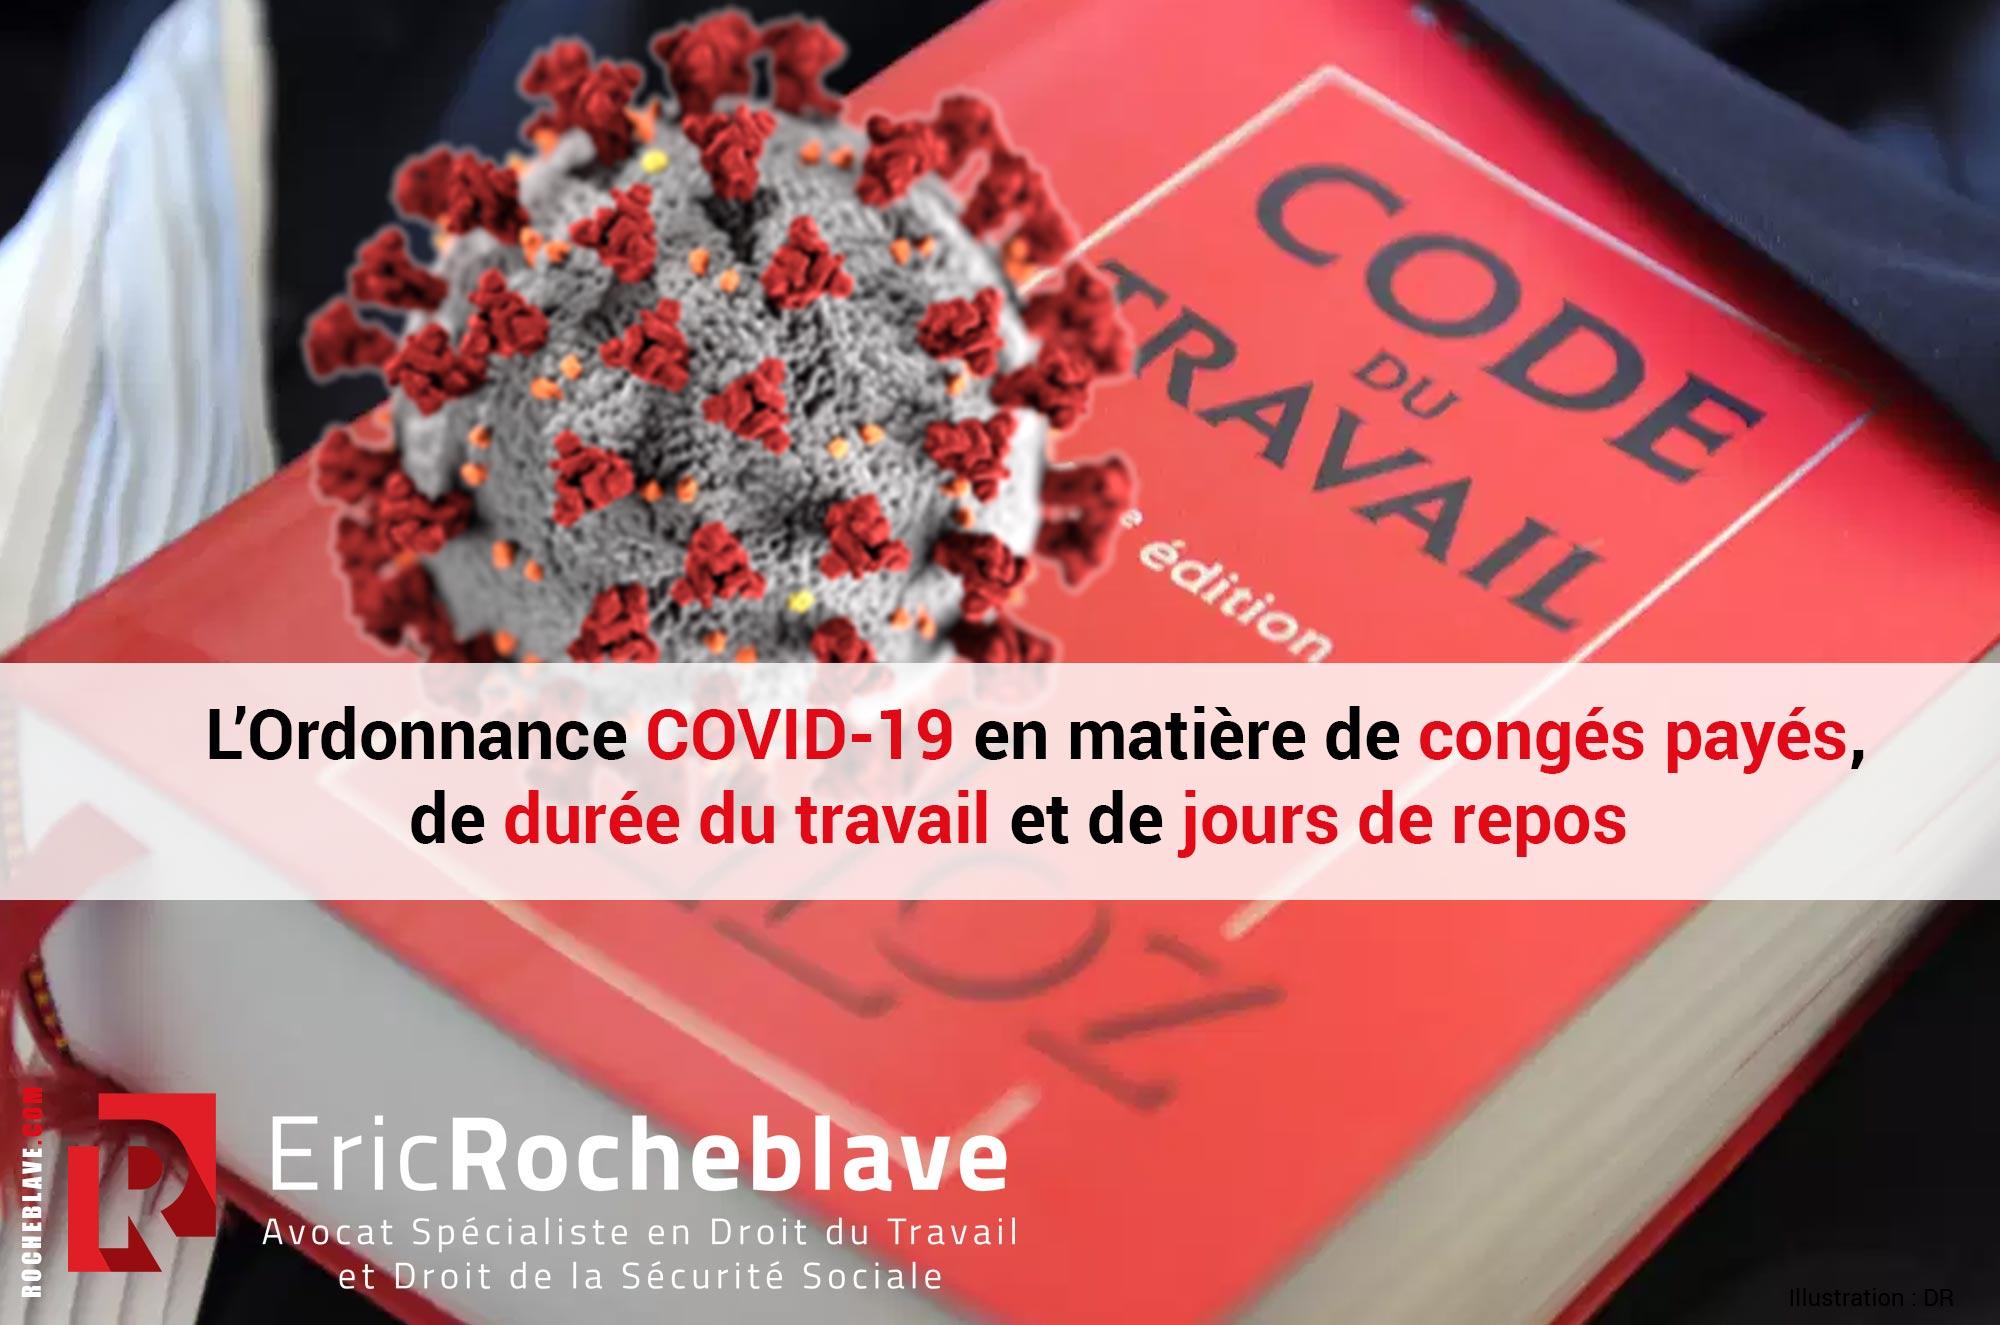 Ordonnance COVID19 en matière de congés payés, de durée du travail et de jours de repos